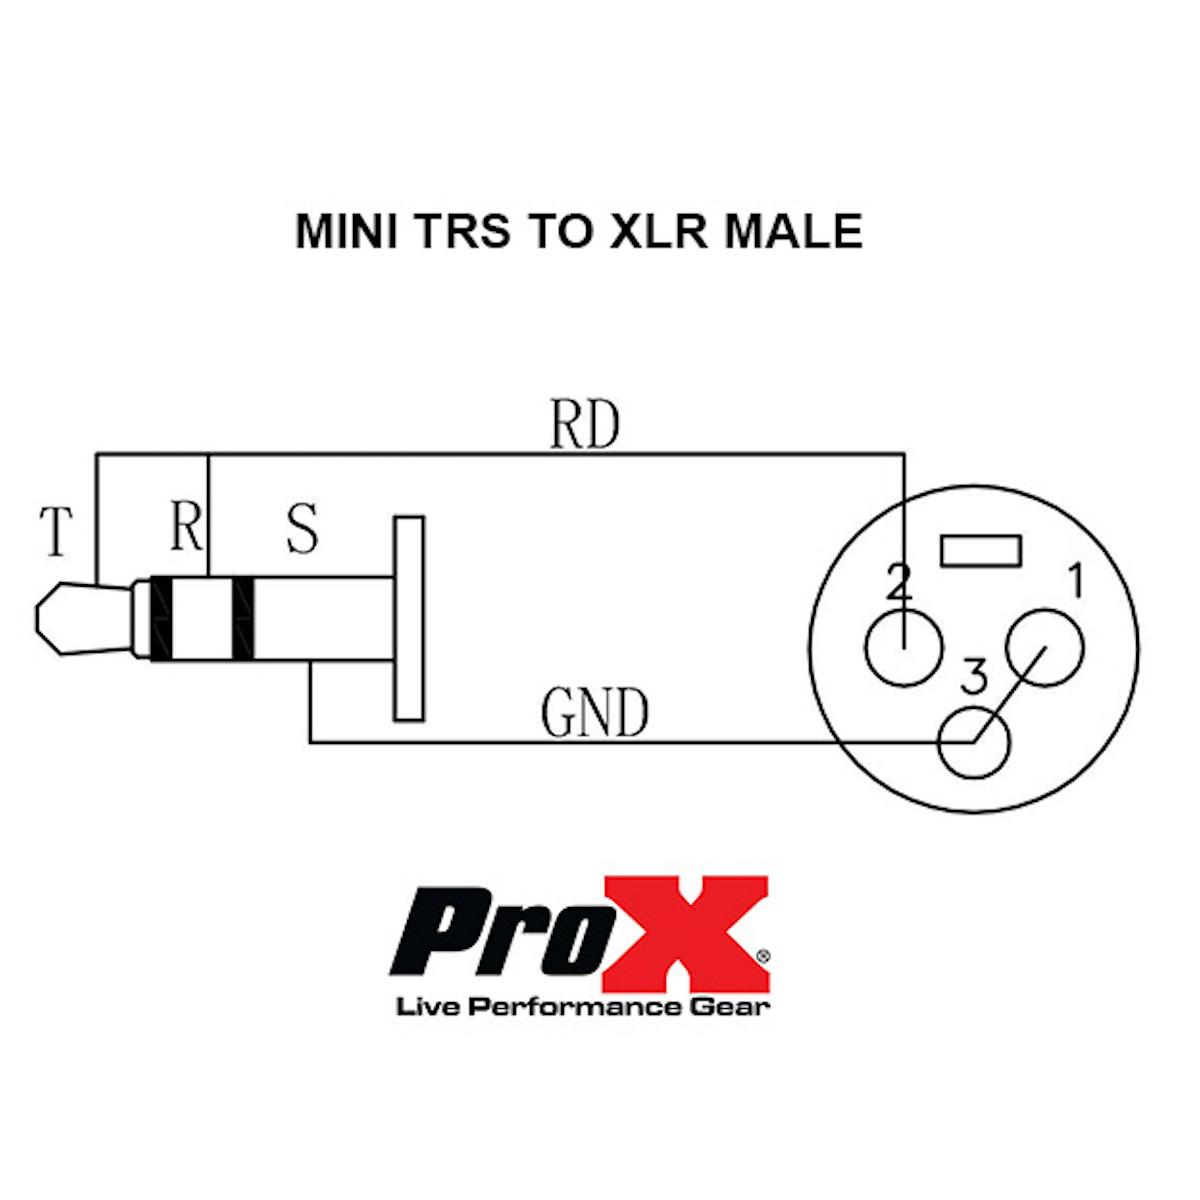 Trs Xlr Wiring Diagram / 1 4 To Xlr Male Wiring Diagram